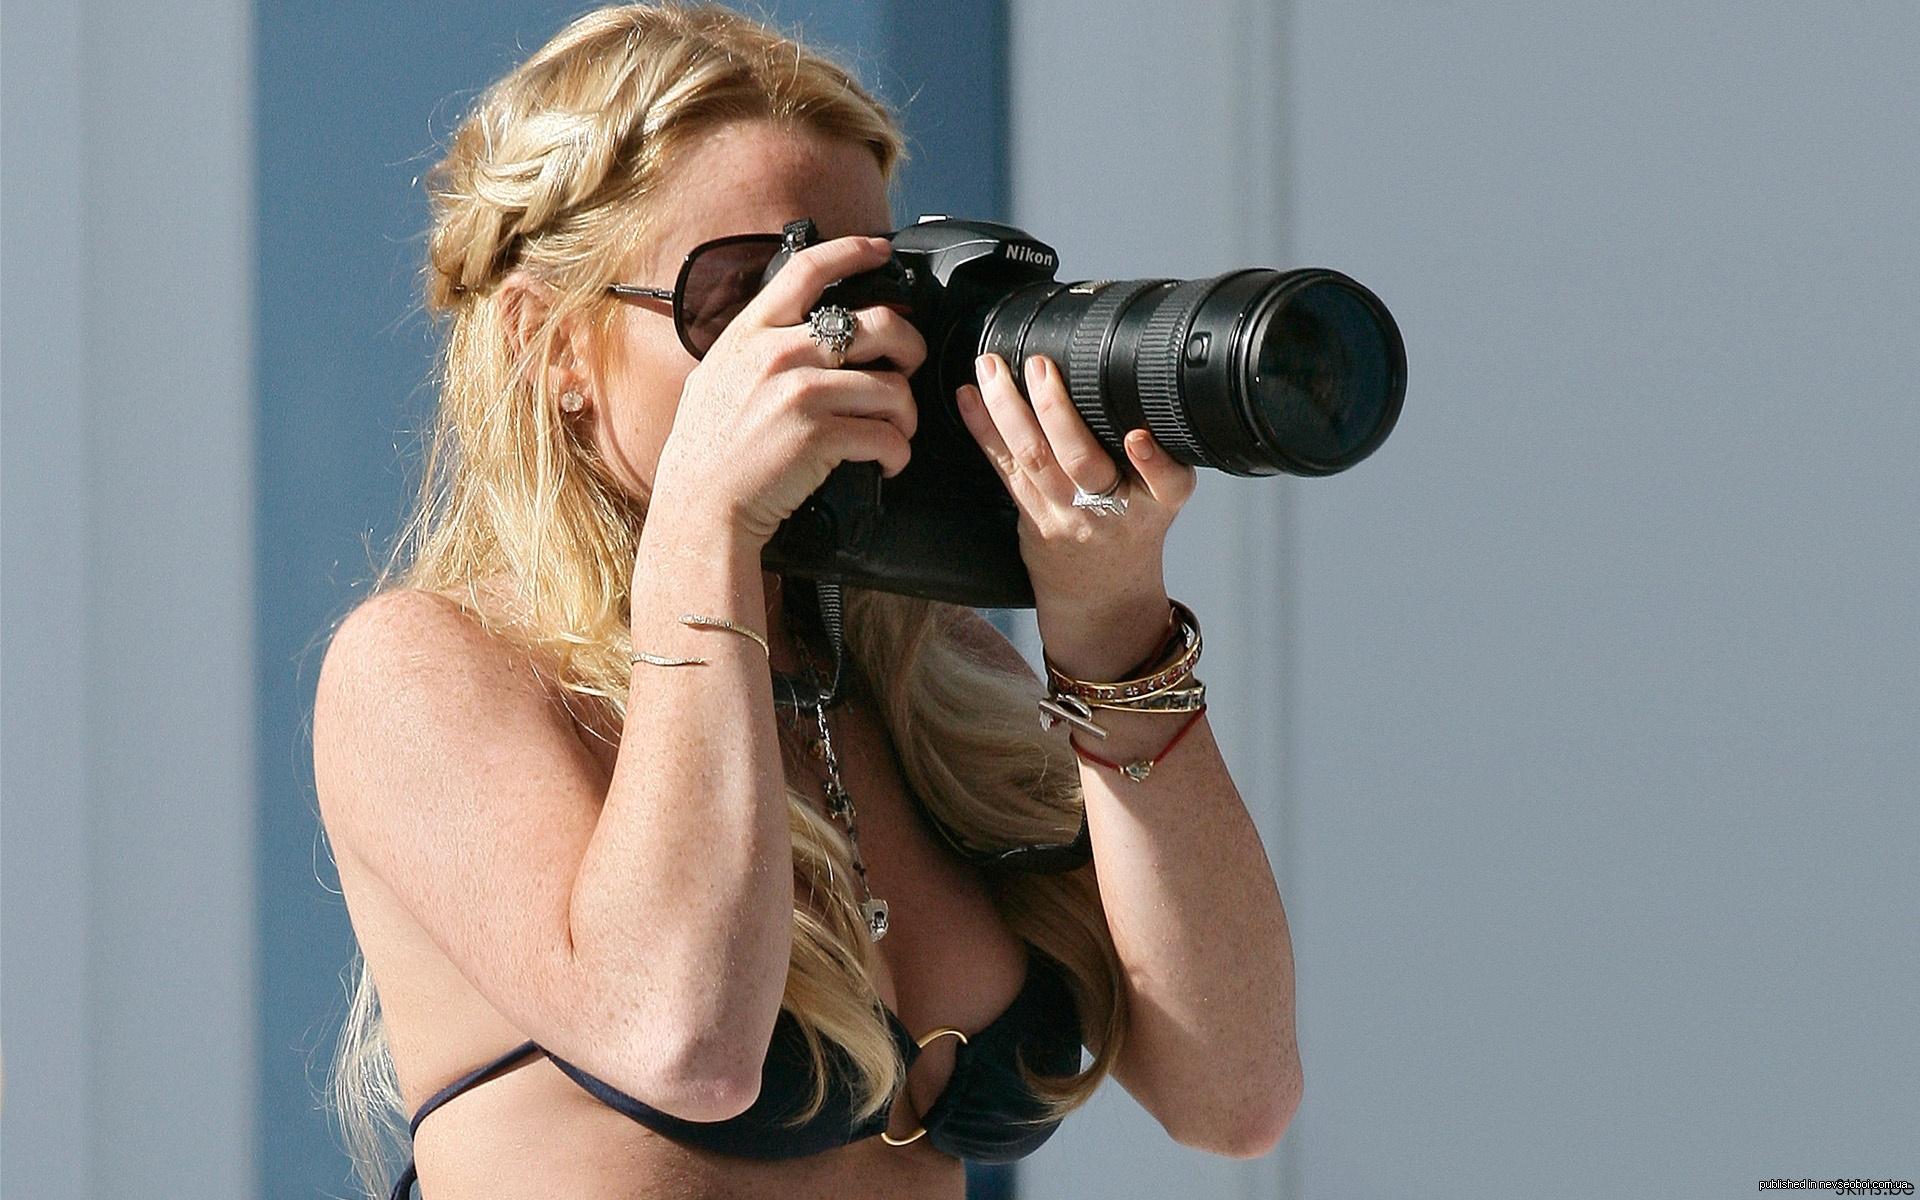 фото, photo, фотоаппарат, мегапиксели, girl with big